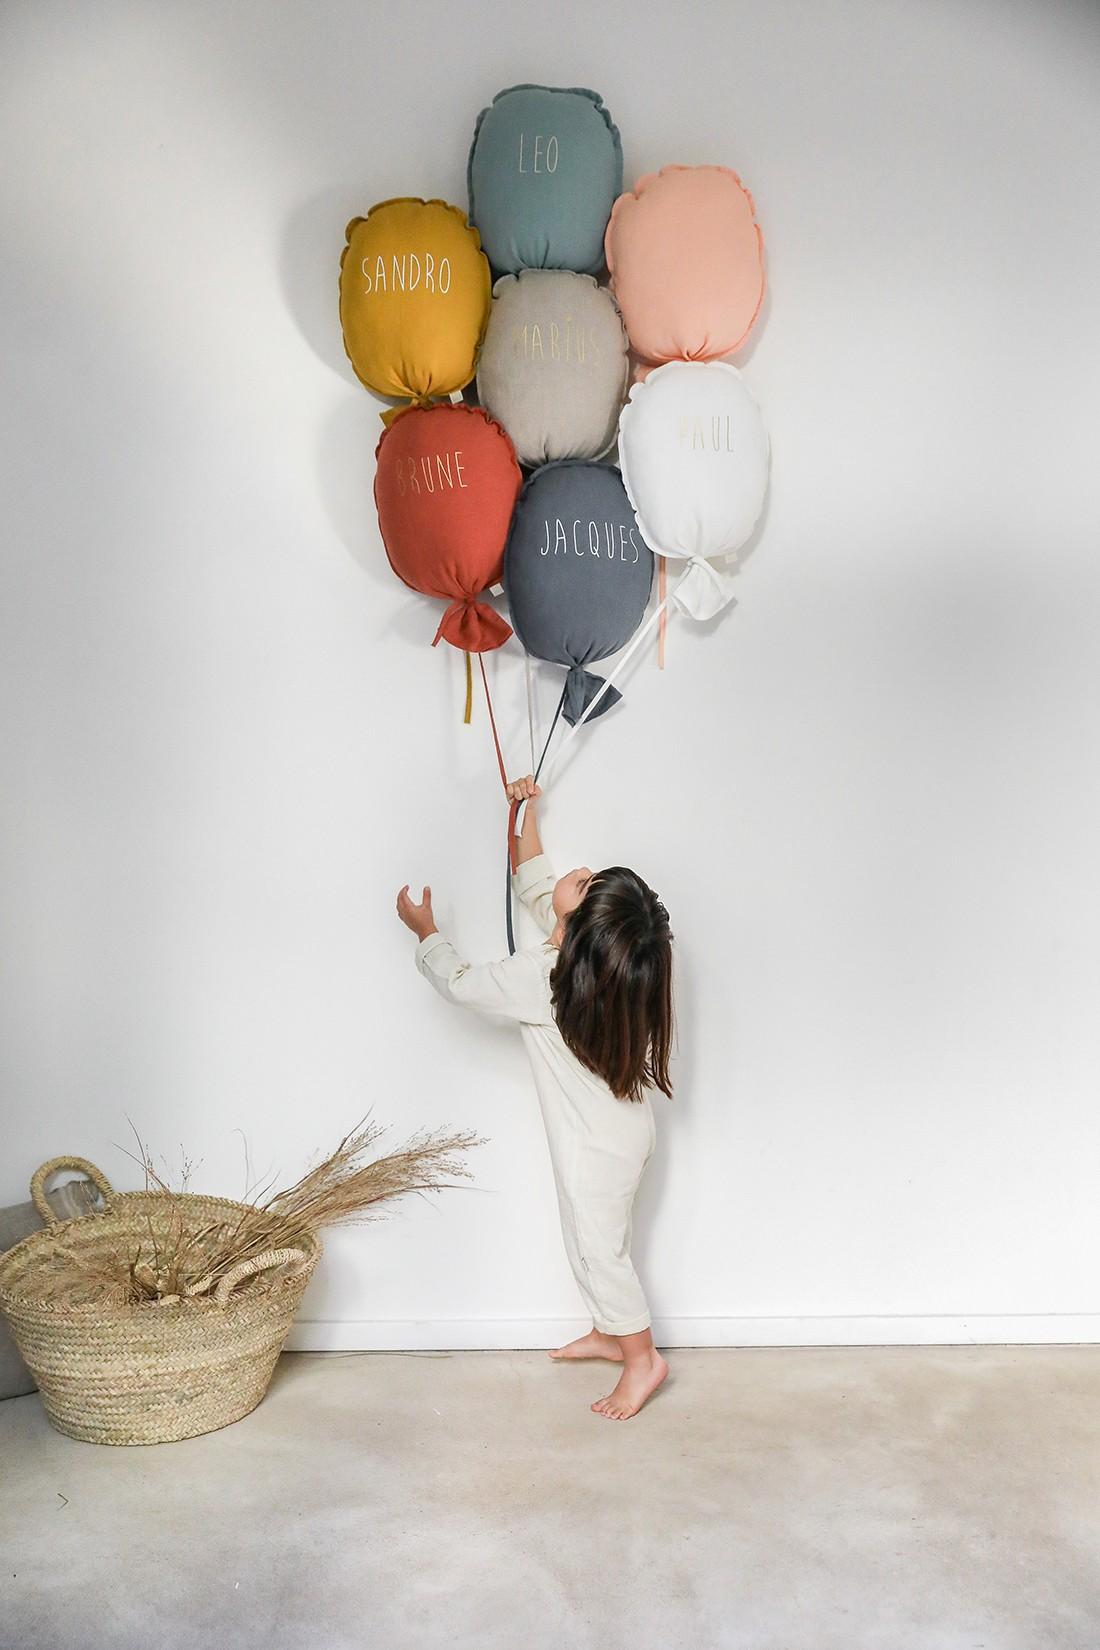 Idee De Deco Pour Chambre idées de décoration pour chambre de bébé - petit picotin